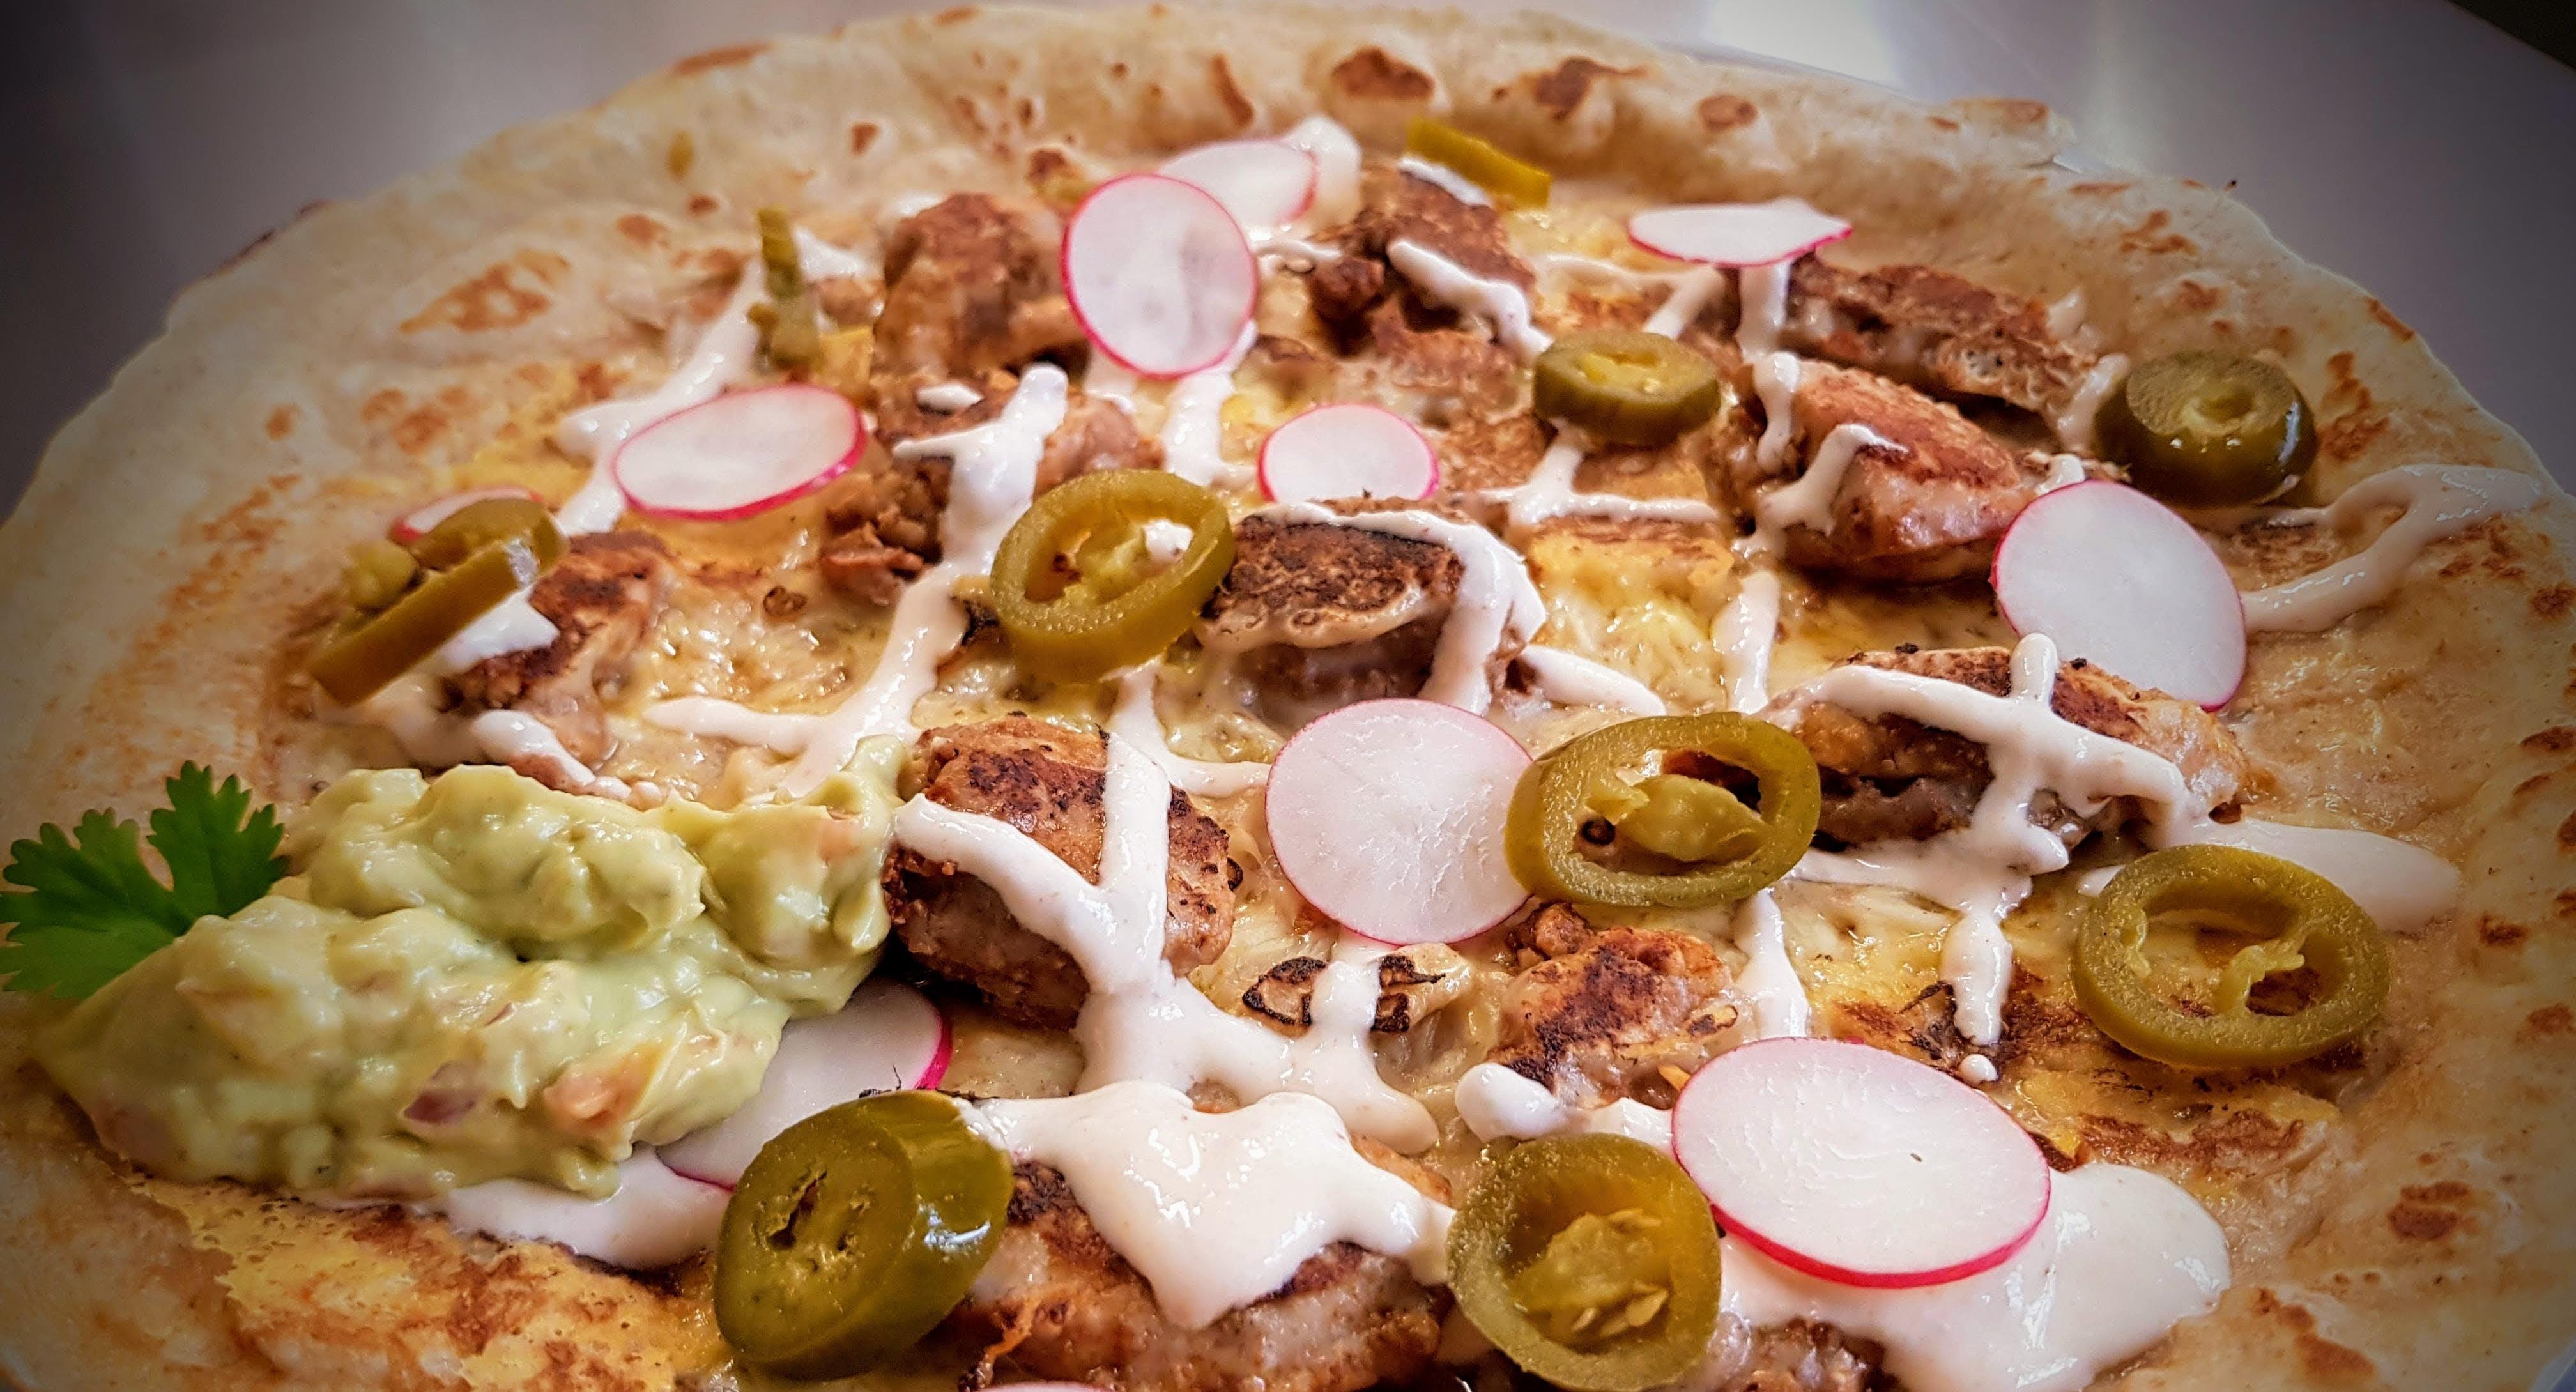 Helden van Hilversum - Pannenkoeken & Taco's Hilversum image 1